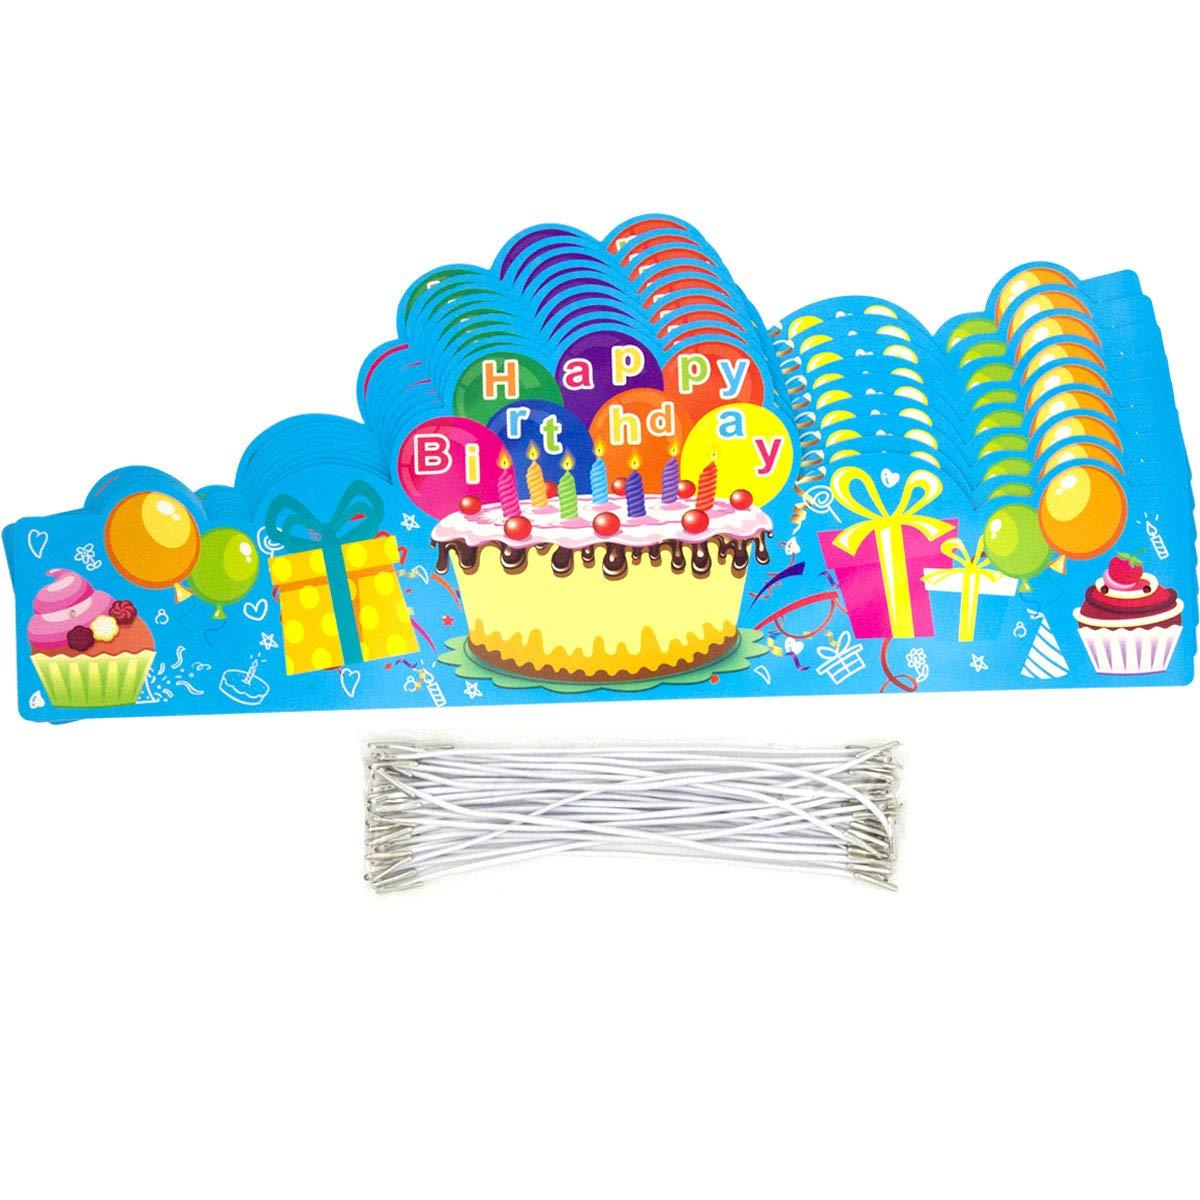 Amazon.com: Happy Birthday Coronas para VBS Classroom Kids ...